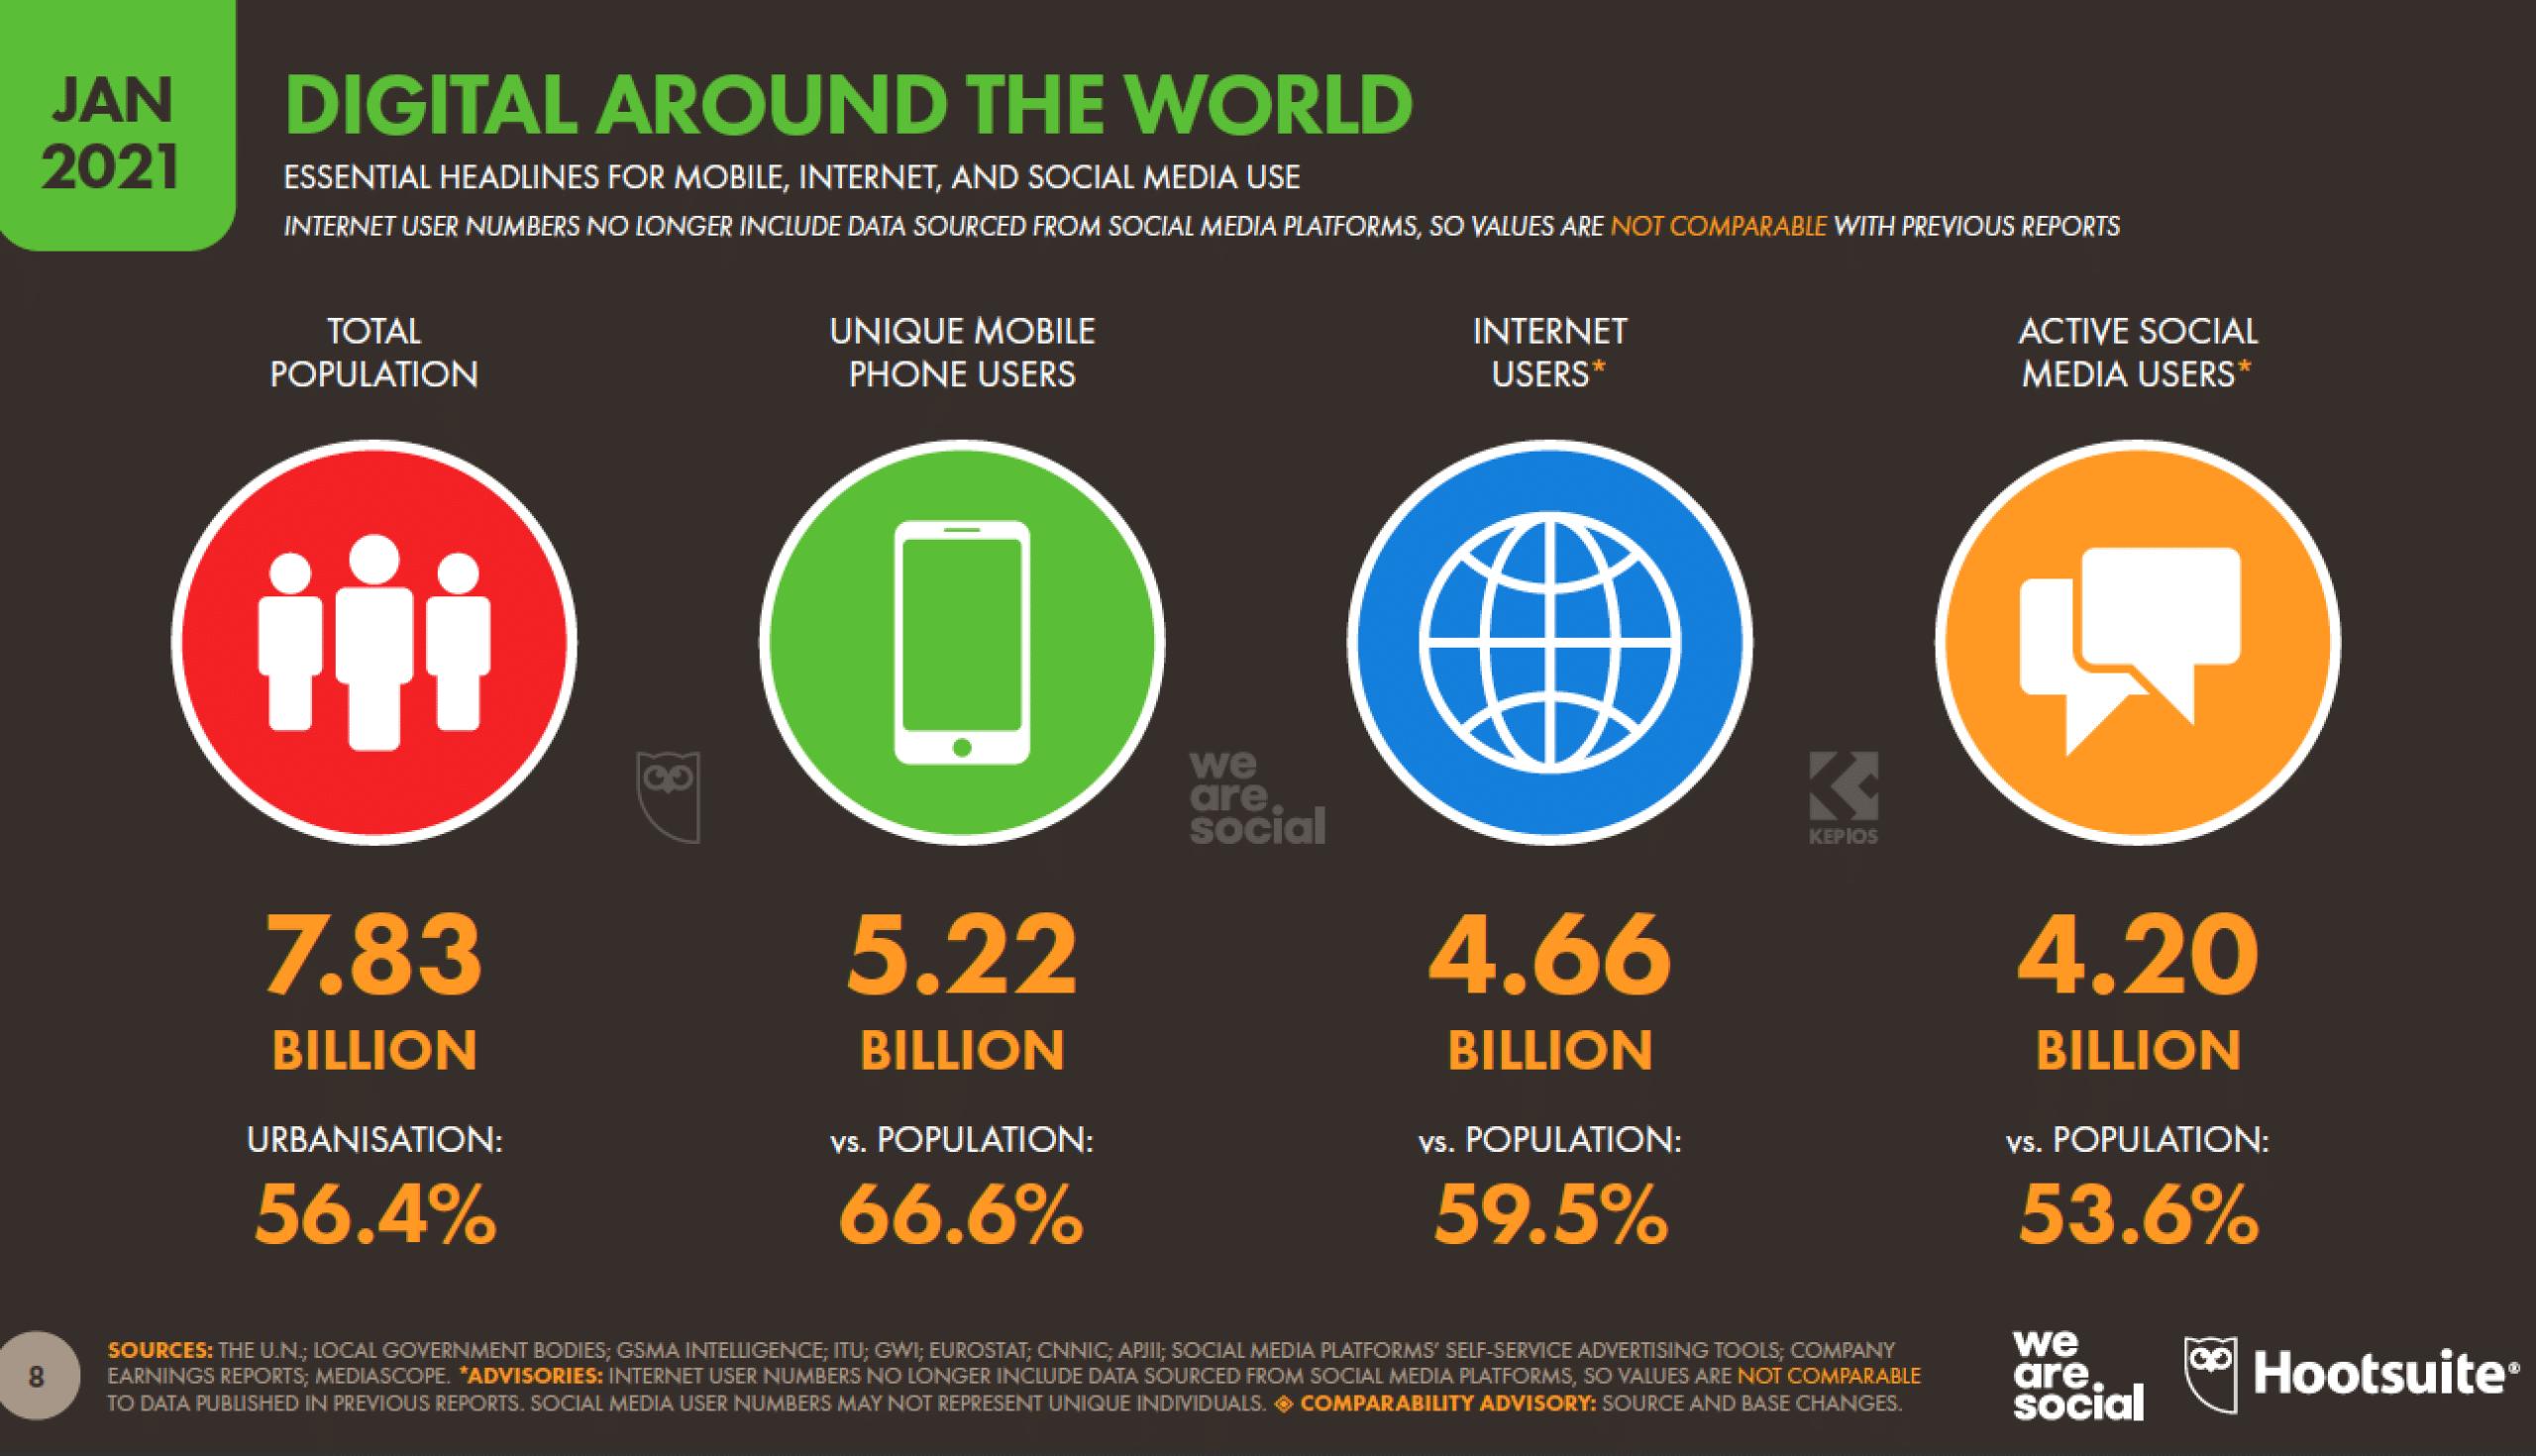 цифровые во всем мире мобильная связь, Интернет и использование социальных сетей